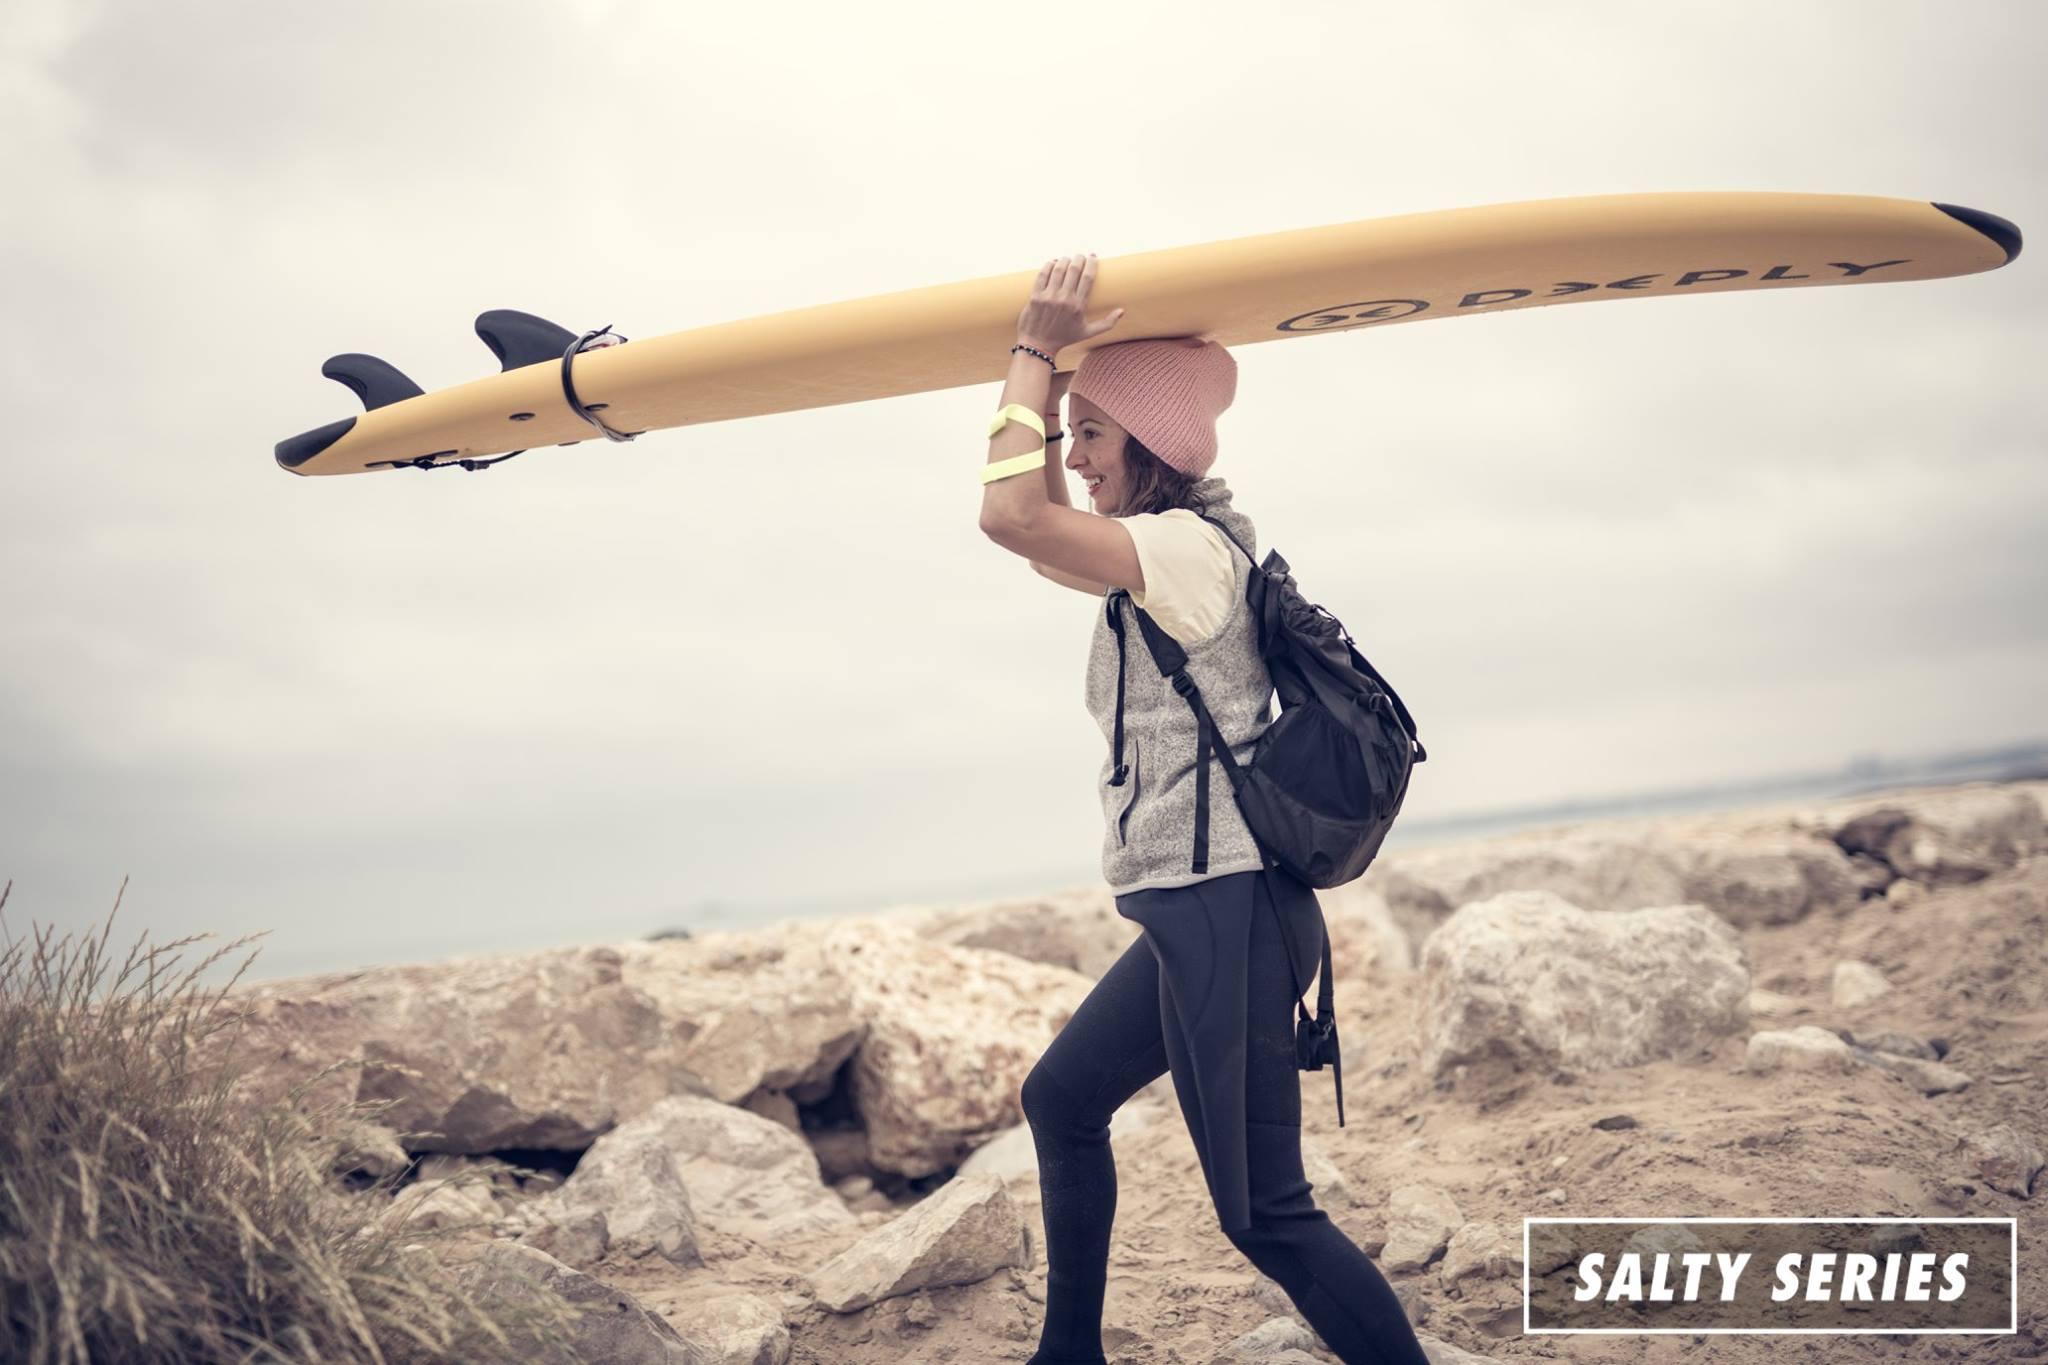 Salty Series: Nem csak egy csaj szörftábor – interjú Magyarország új csajszörf közösségének alapítóival